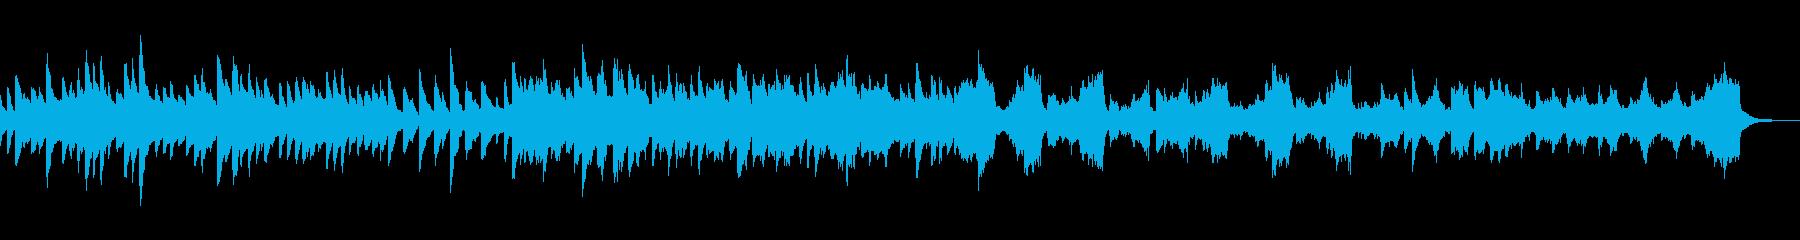 ピアノ、ストリングスのバラード的旋律の再生済みの波形